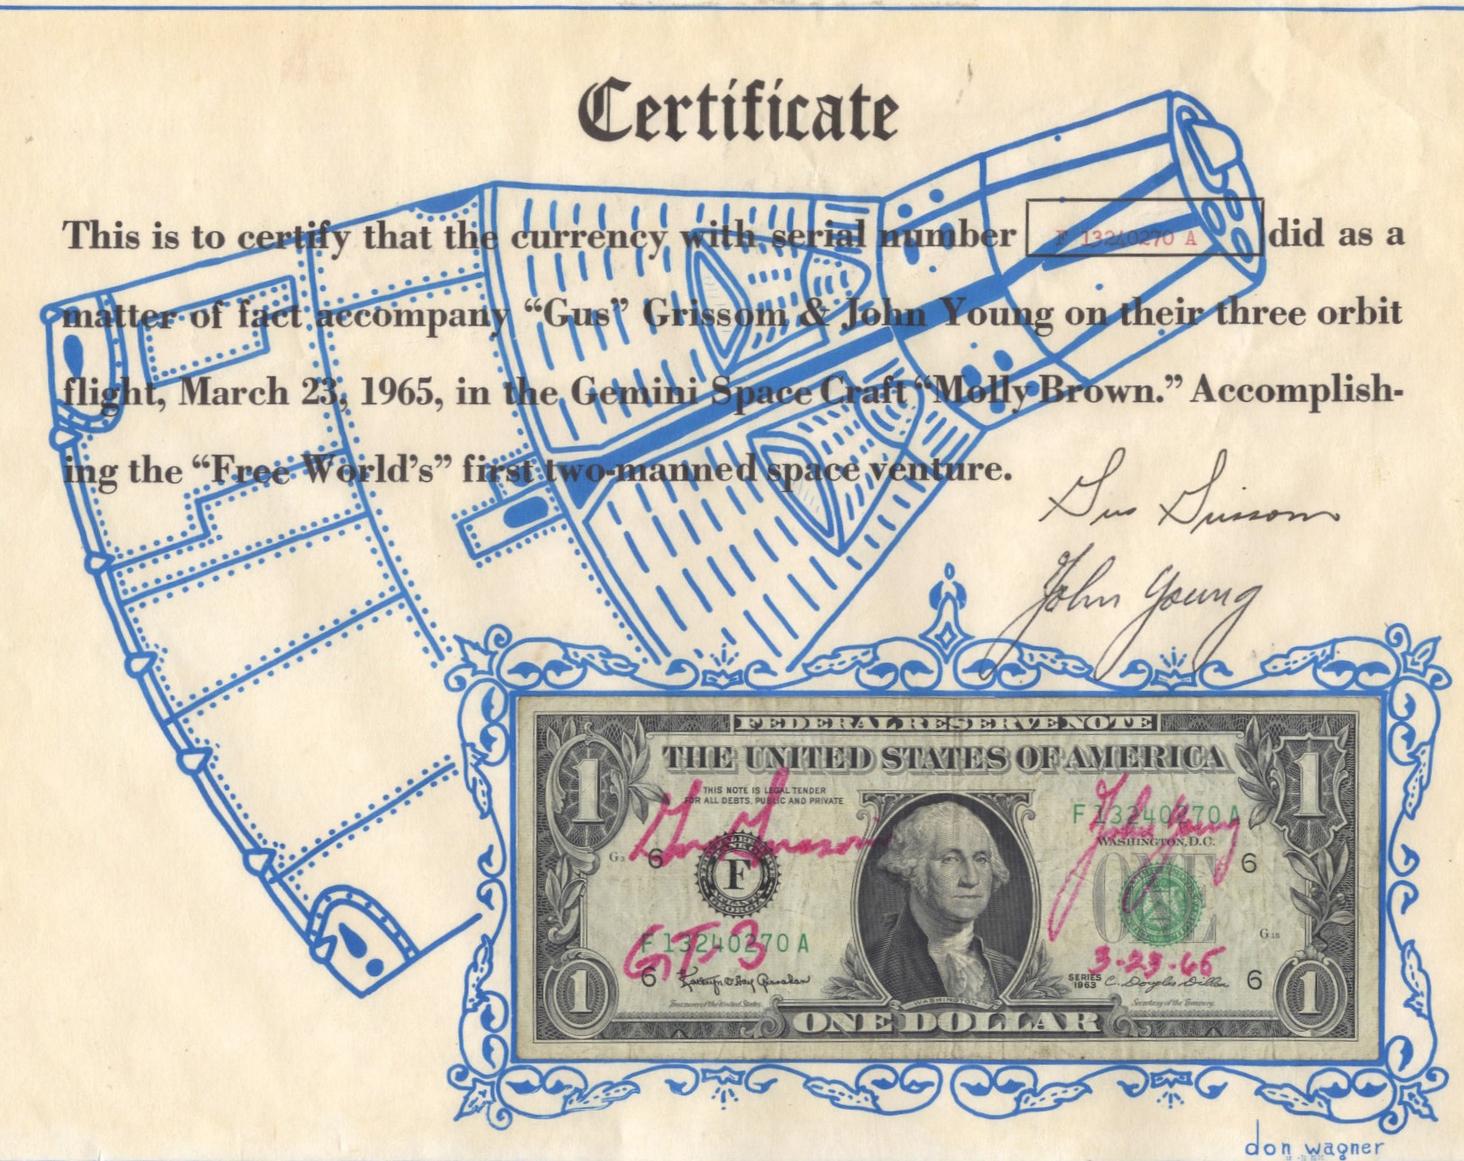 Gemini 3 flown currency presentation, 1965